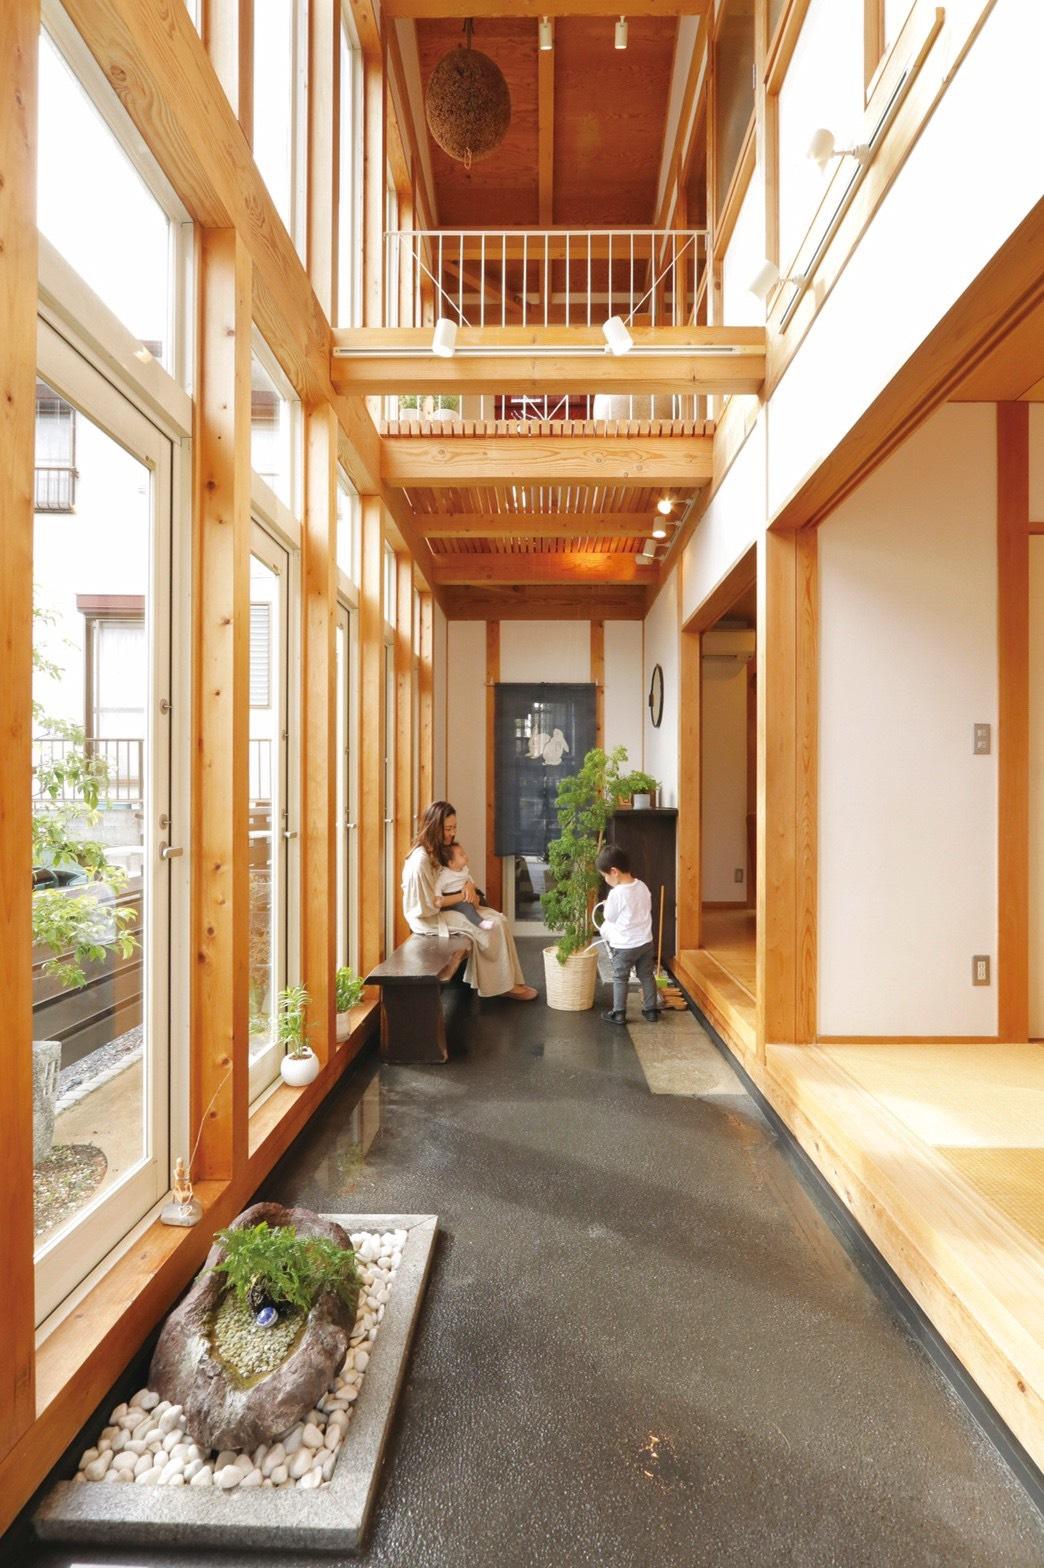 職人が建てる本物の木の家を届ける|荒川建設株式会社 しげや